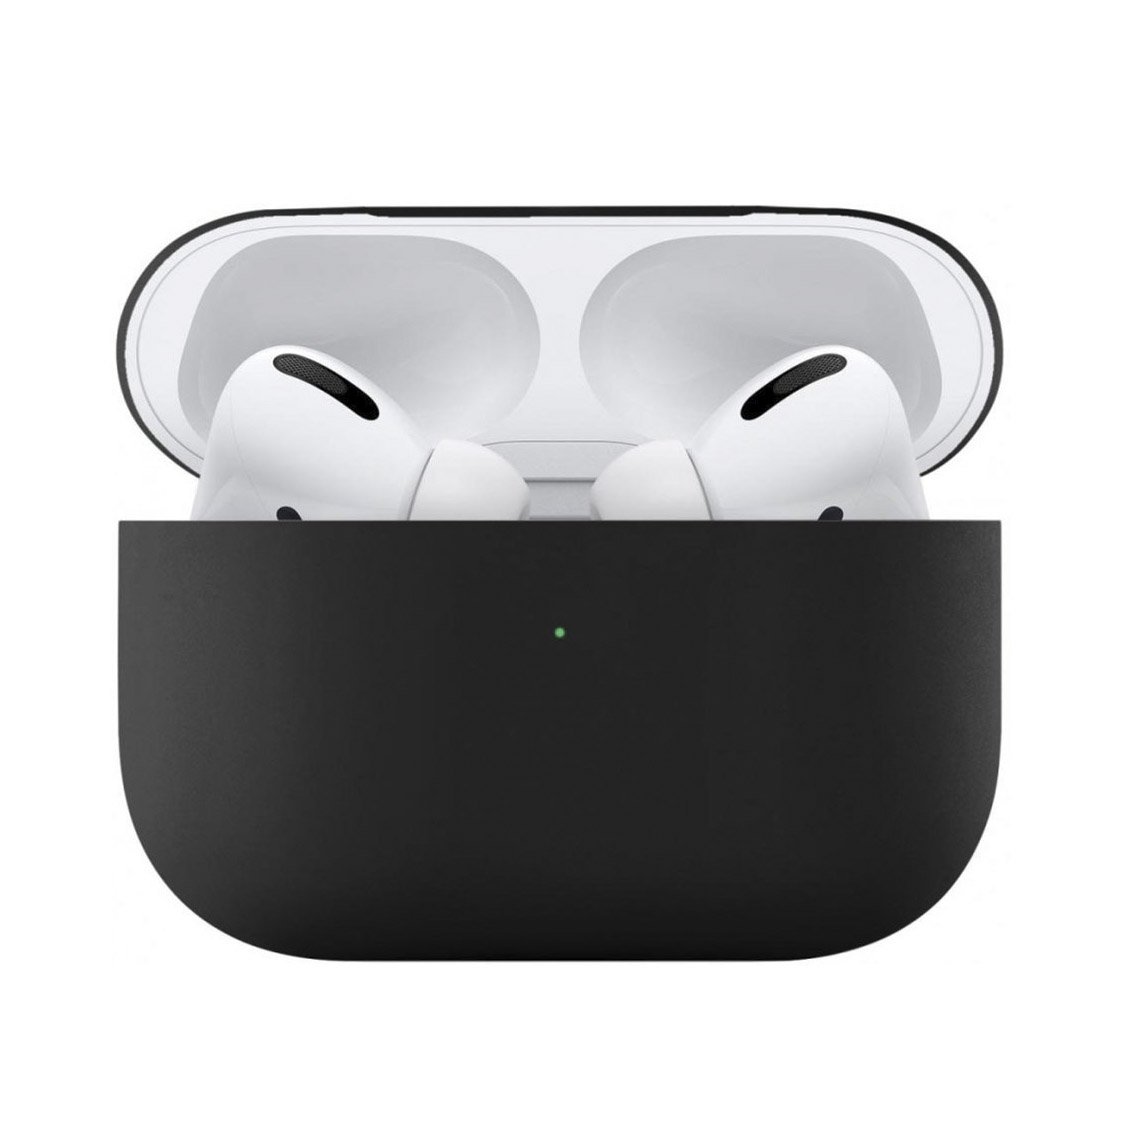 Чехол uBear для наушников Apple AirPods Pro, черный чехол для наушников steward для apple airpods blue